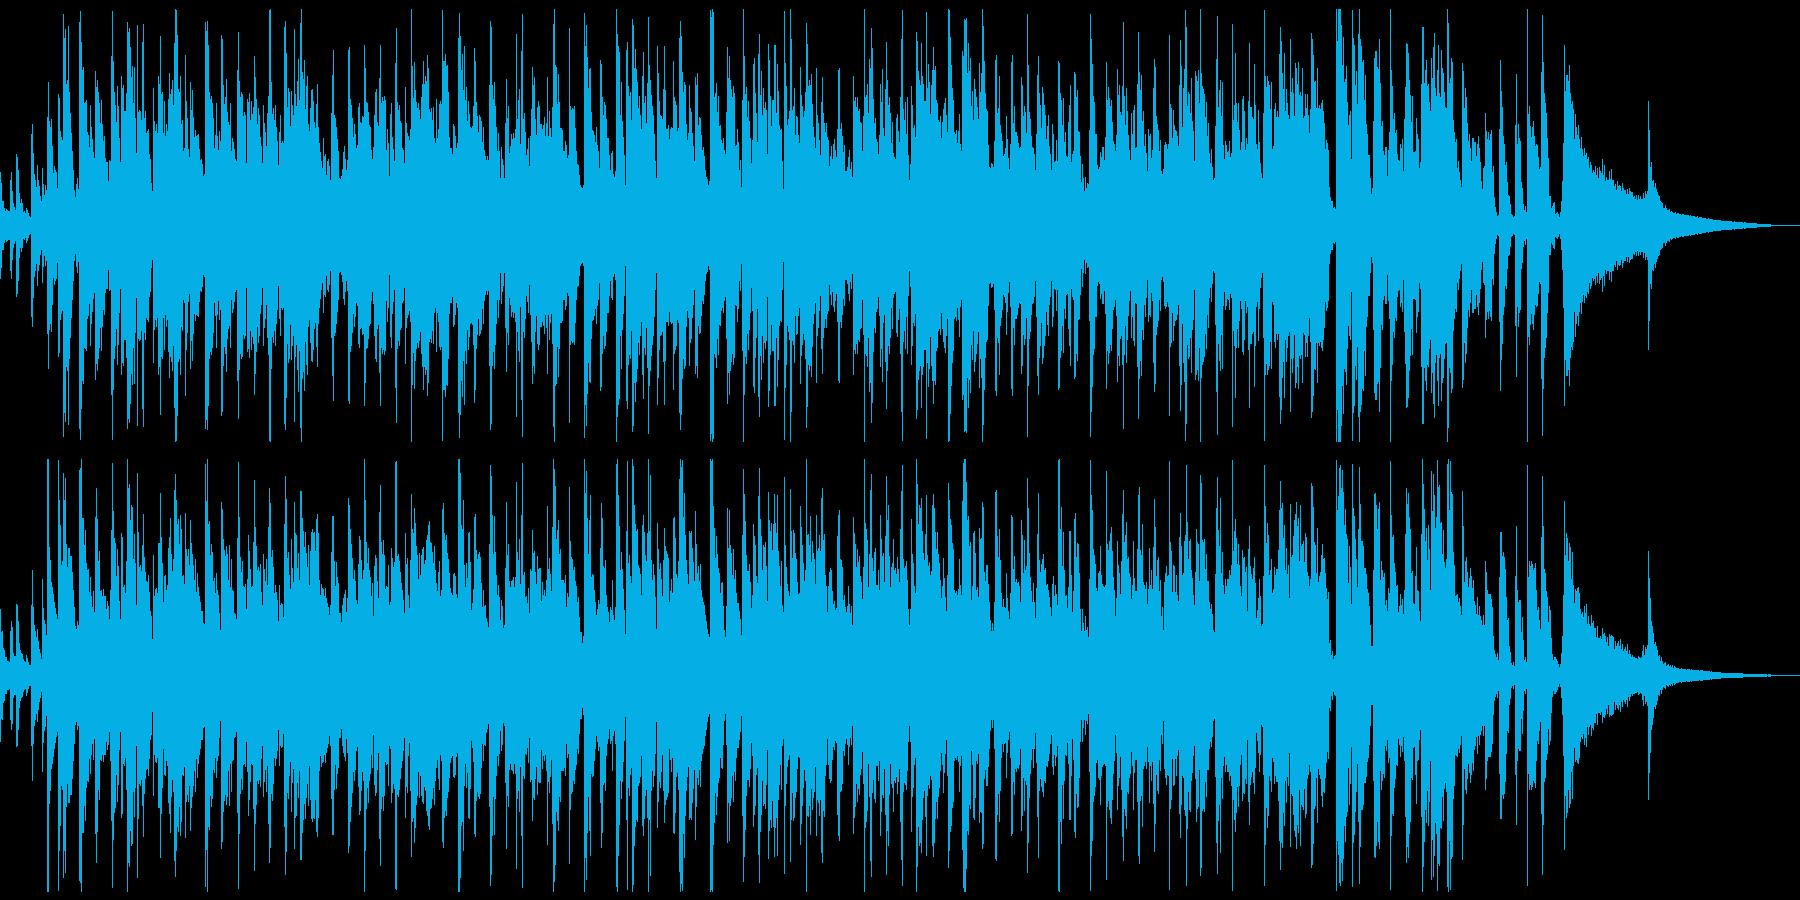 ウイスキー等洋酒系のCM風ジャズの再生済みの波形